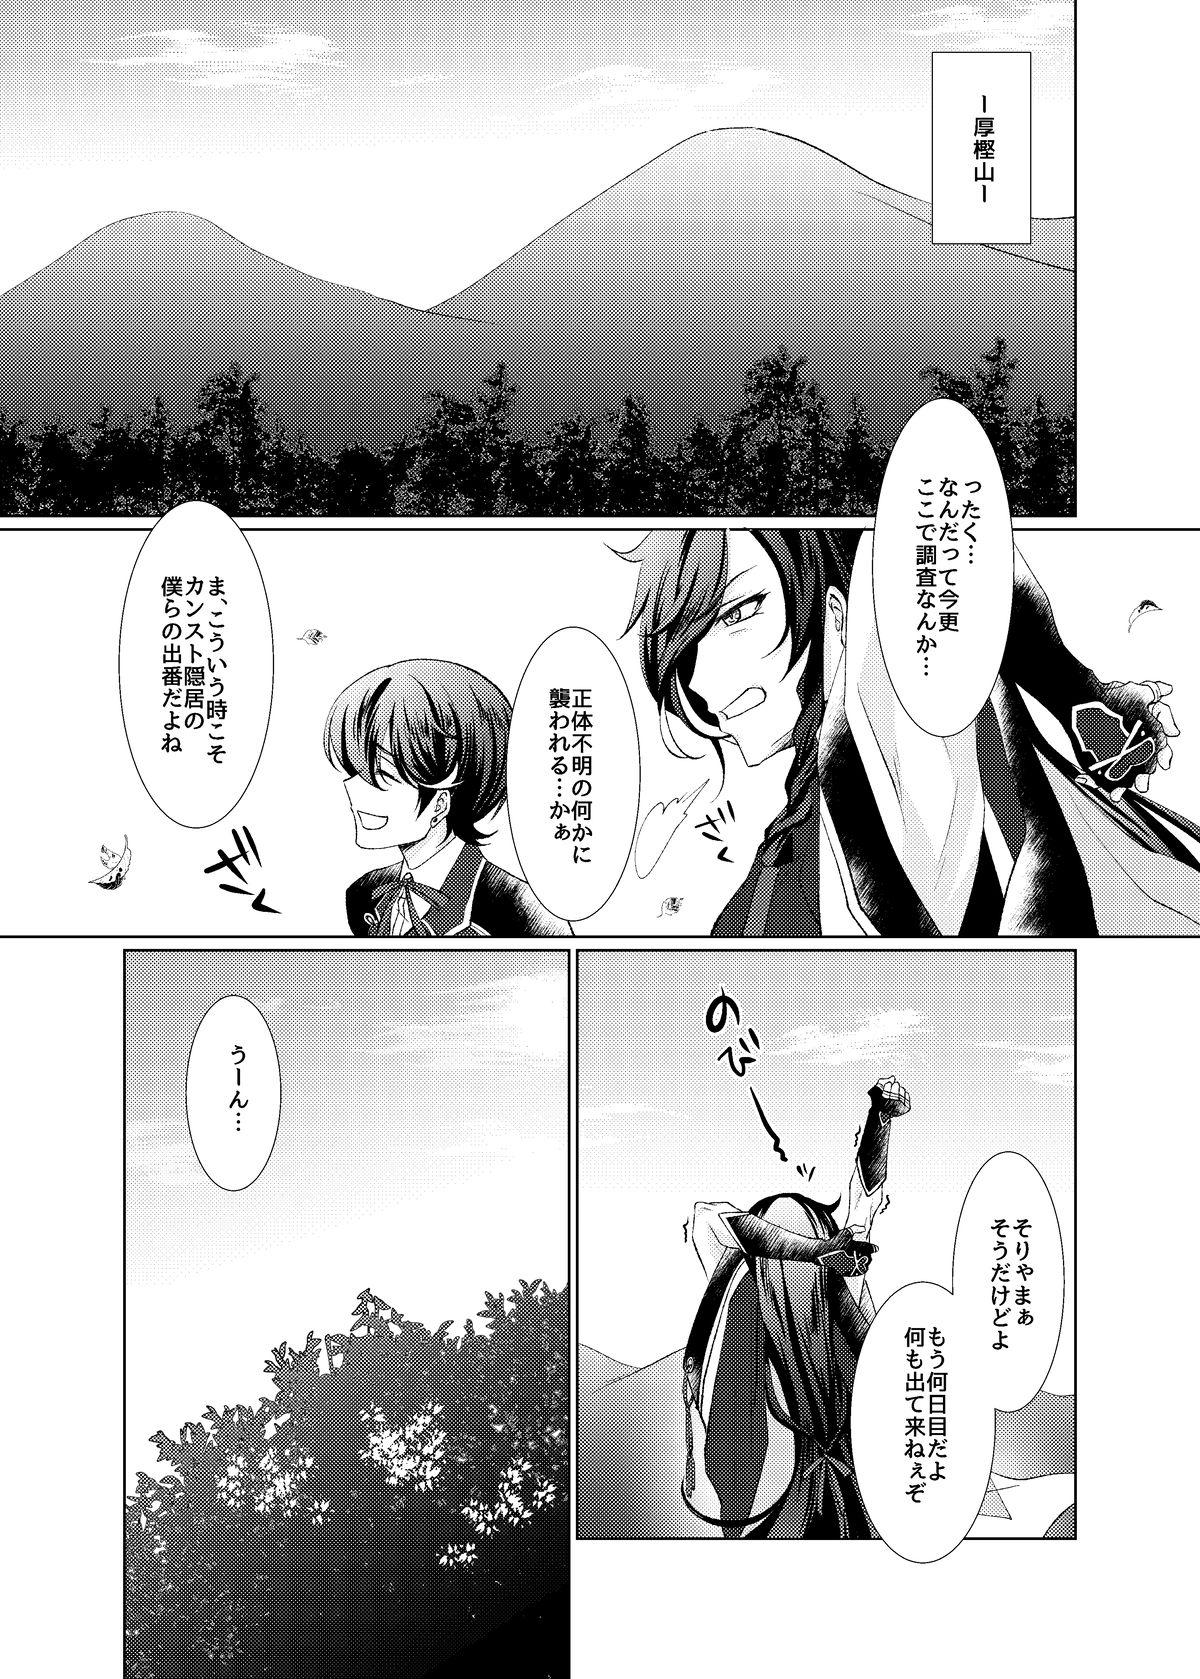 Hori Kane To Shi Yokushukun 2